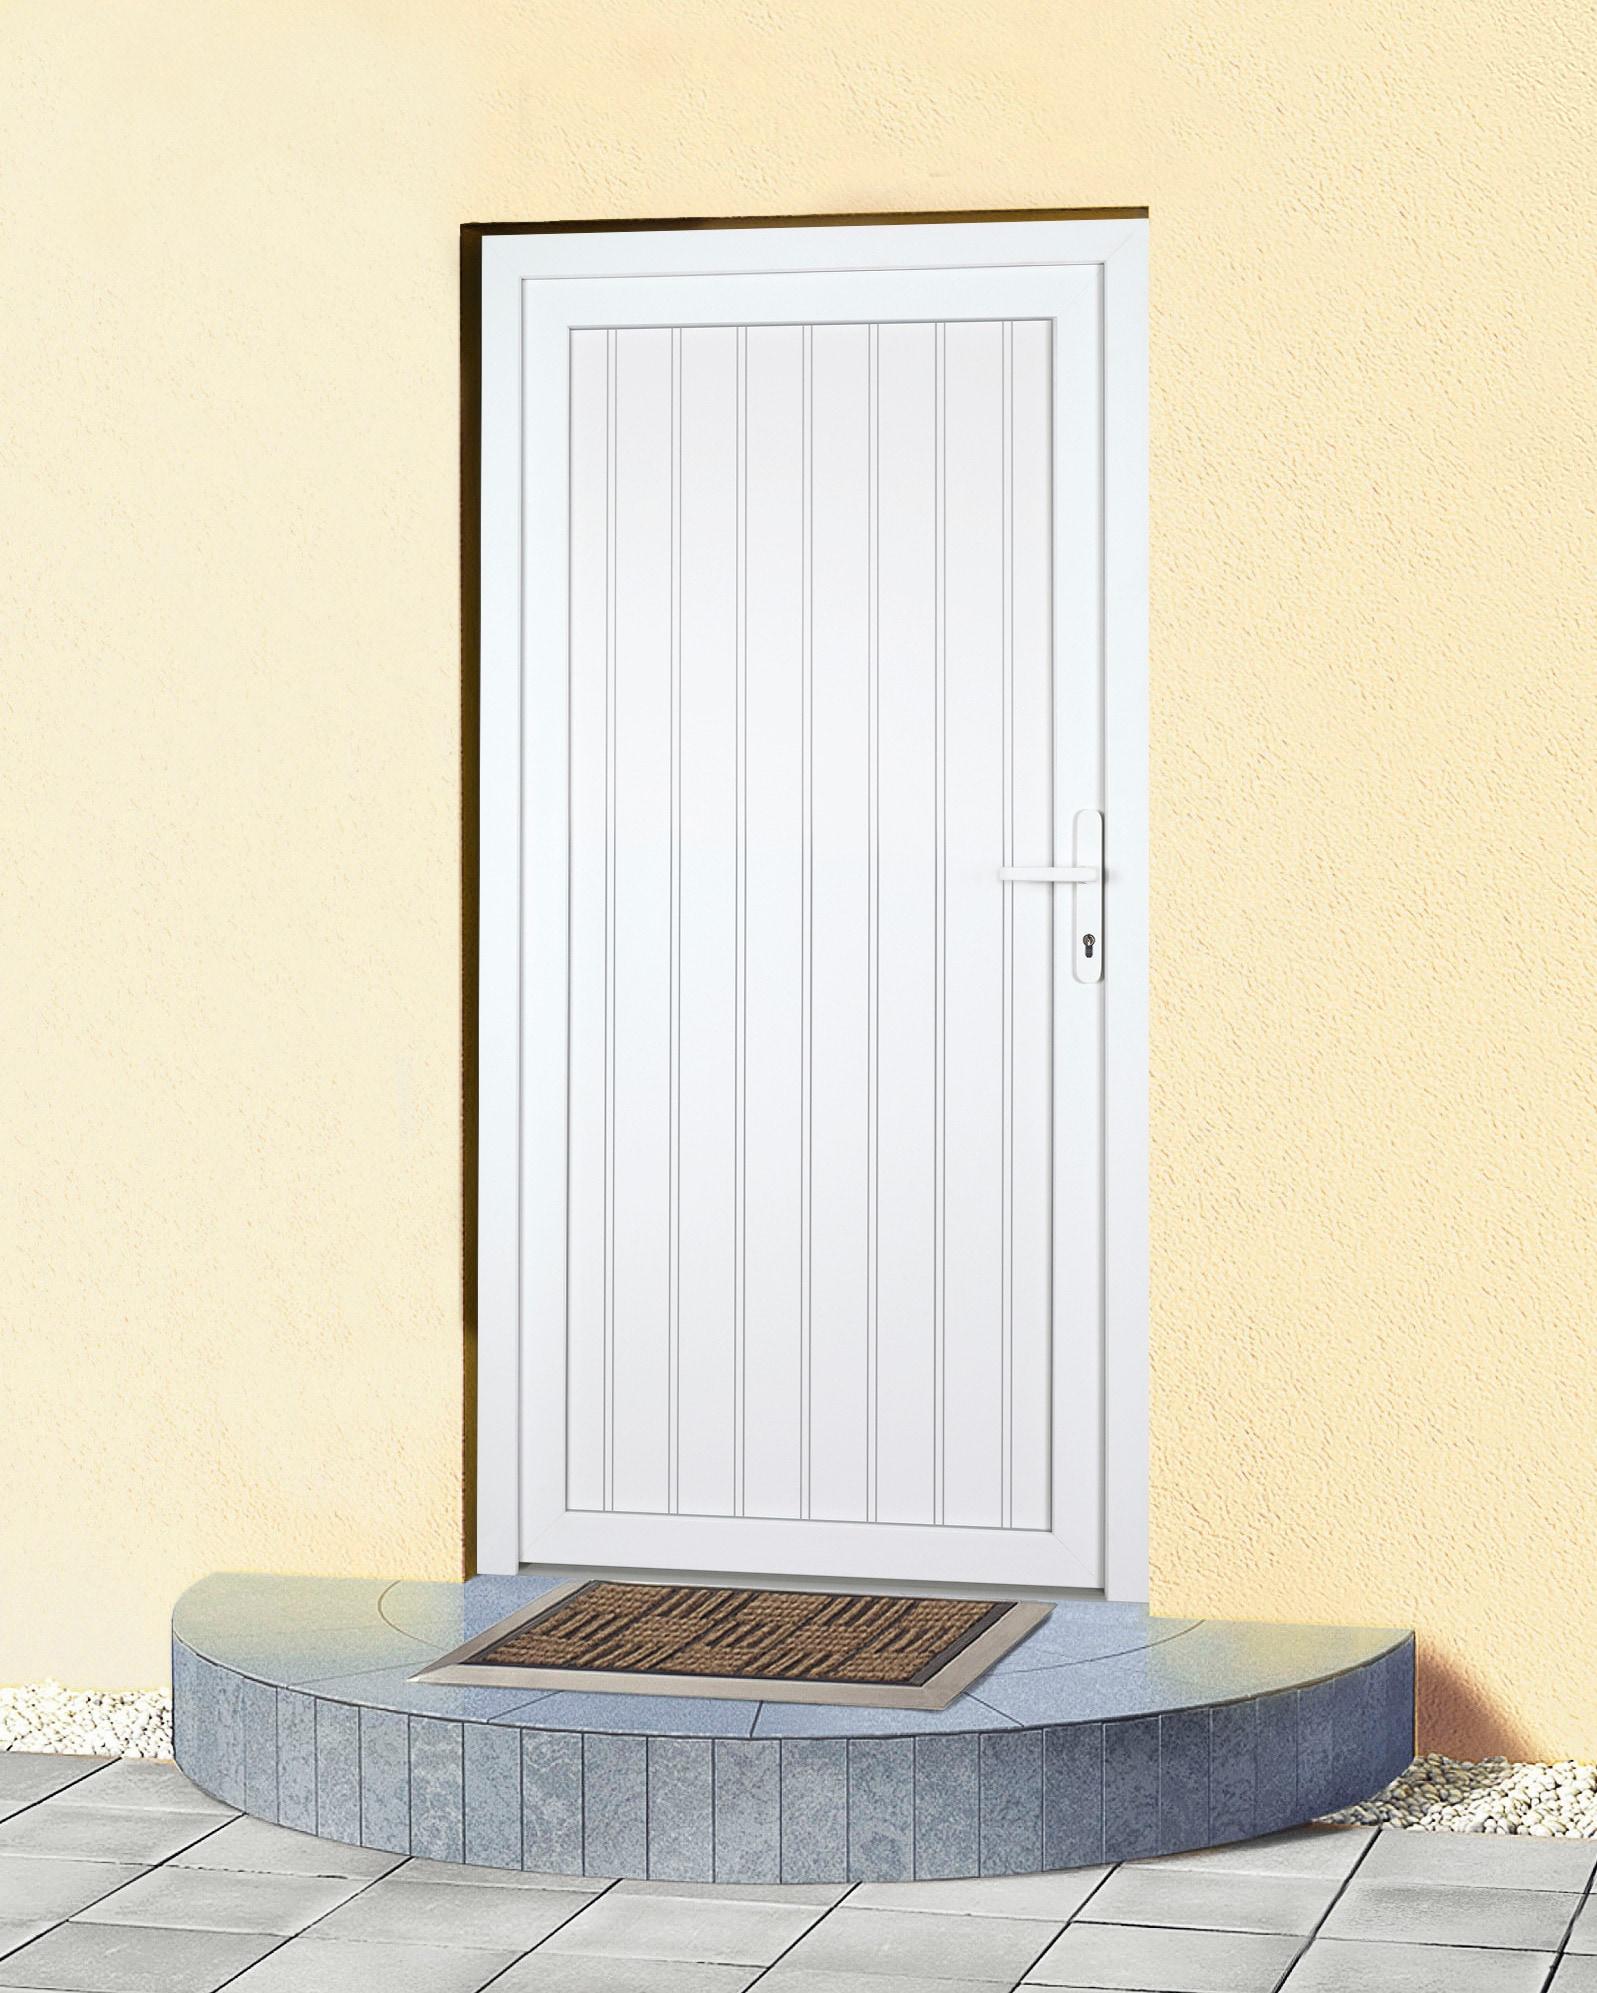 KM MEETH ZAUN GMBH Mehrzweck-Haustür »K608P«, BxH: 108 x 203 cm, weiß, in 2 Varianten | Baumarkt > Modernisieren und Baün > Türen | Weiß | Metall | KM MEETH ZAUN GMBH